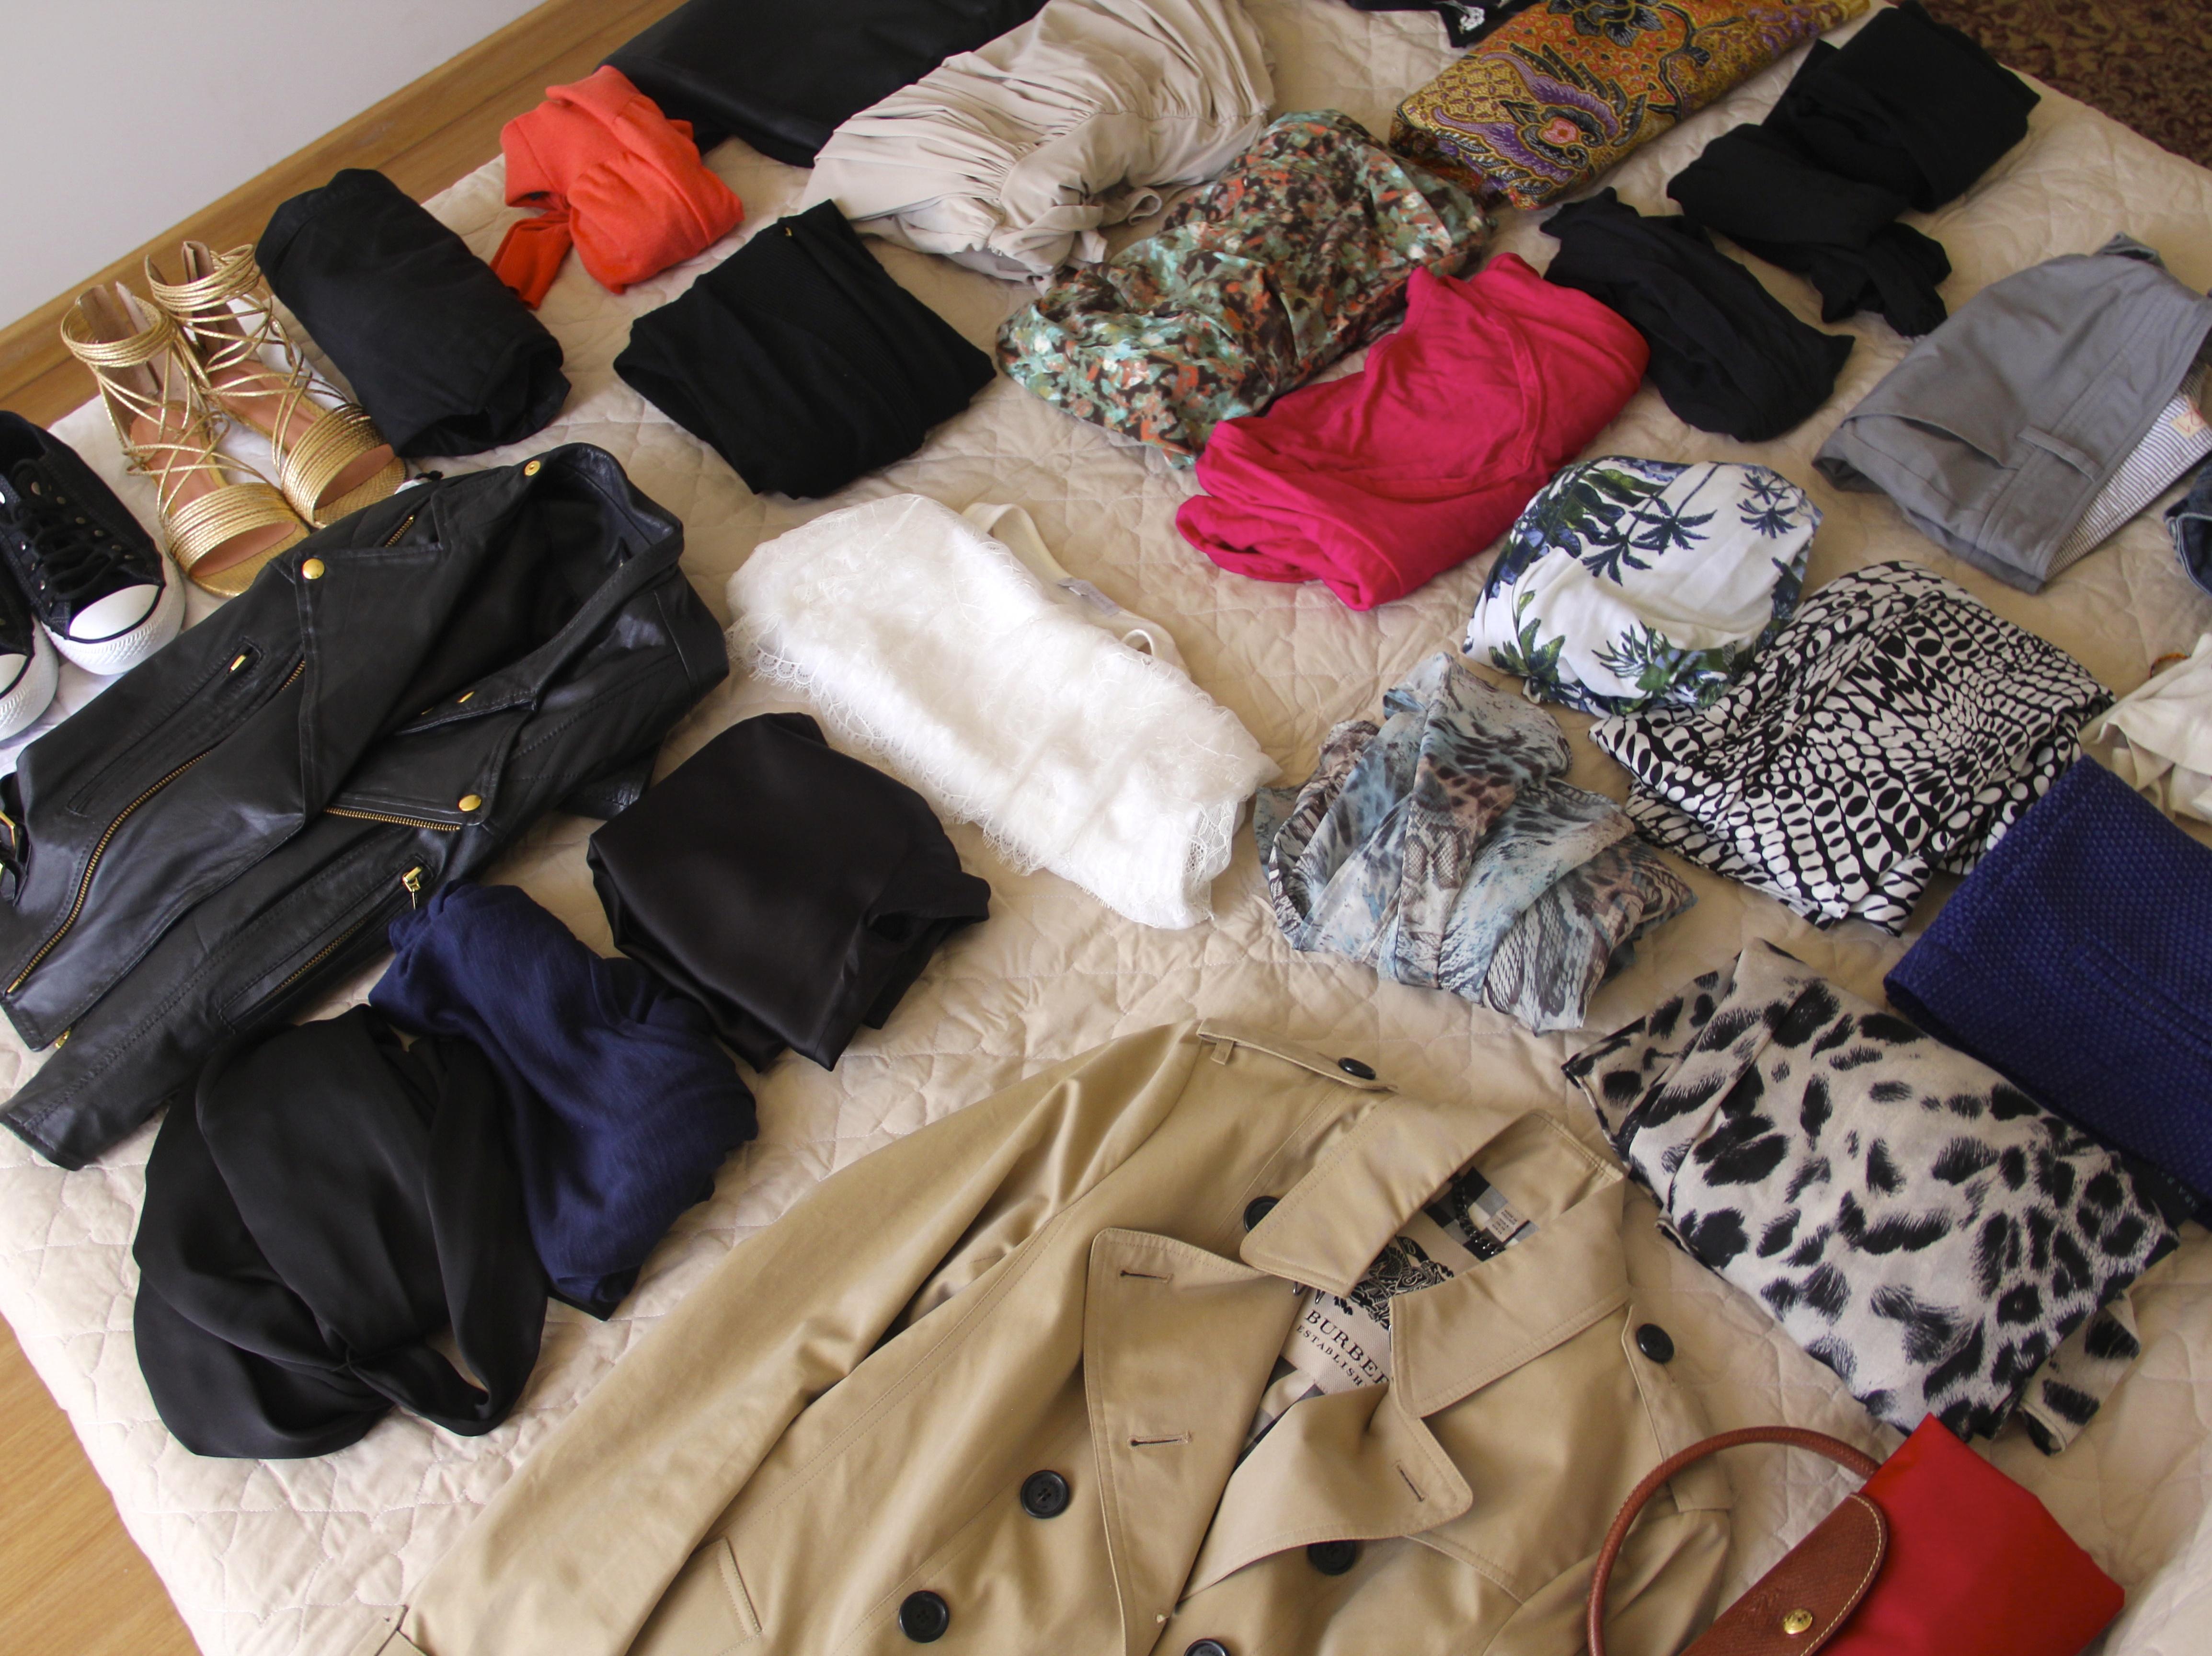 df4939e9021a8 Viajando leve  10 dicas para viajar só com bagagem de mão (ou pelo ...